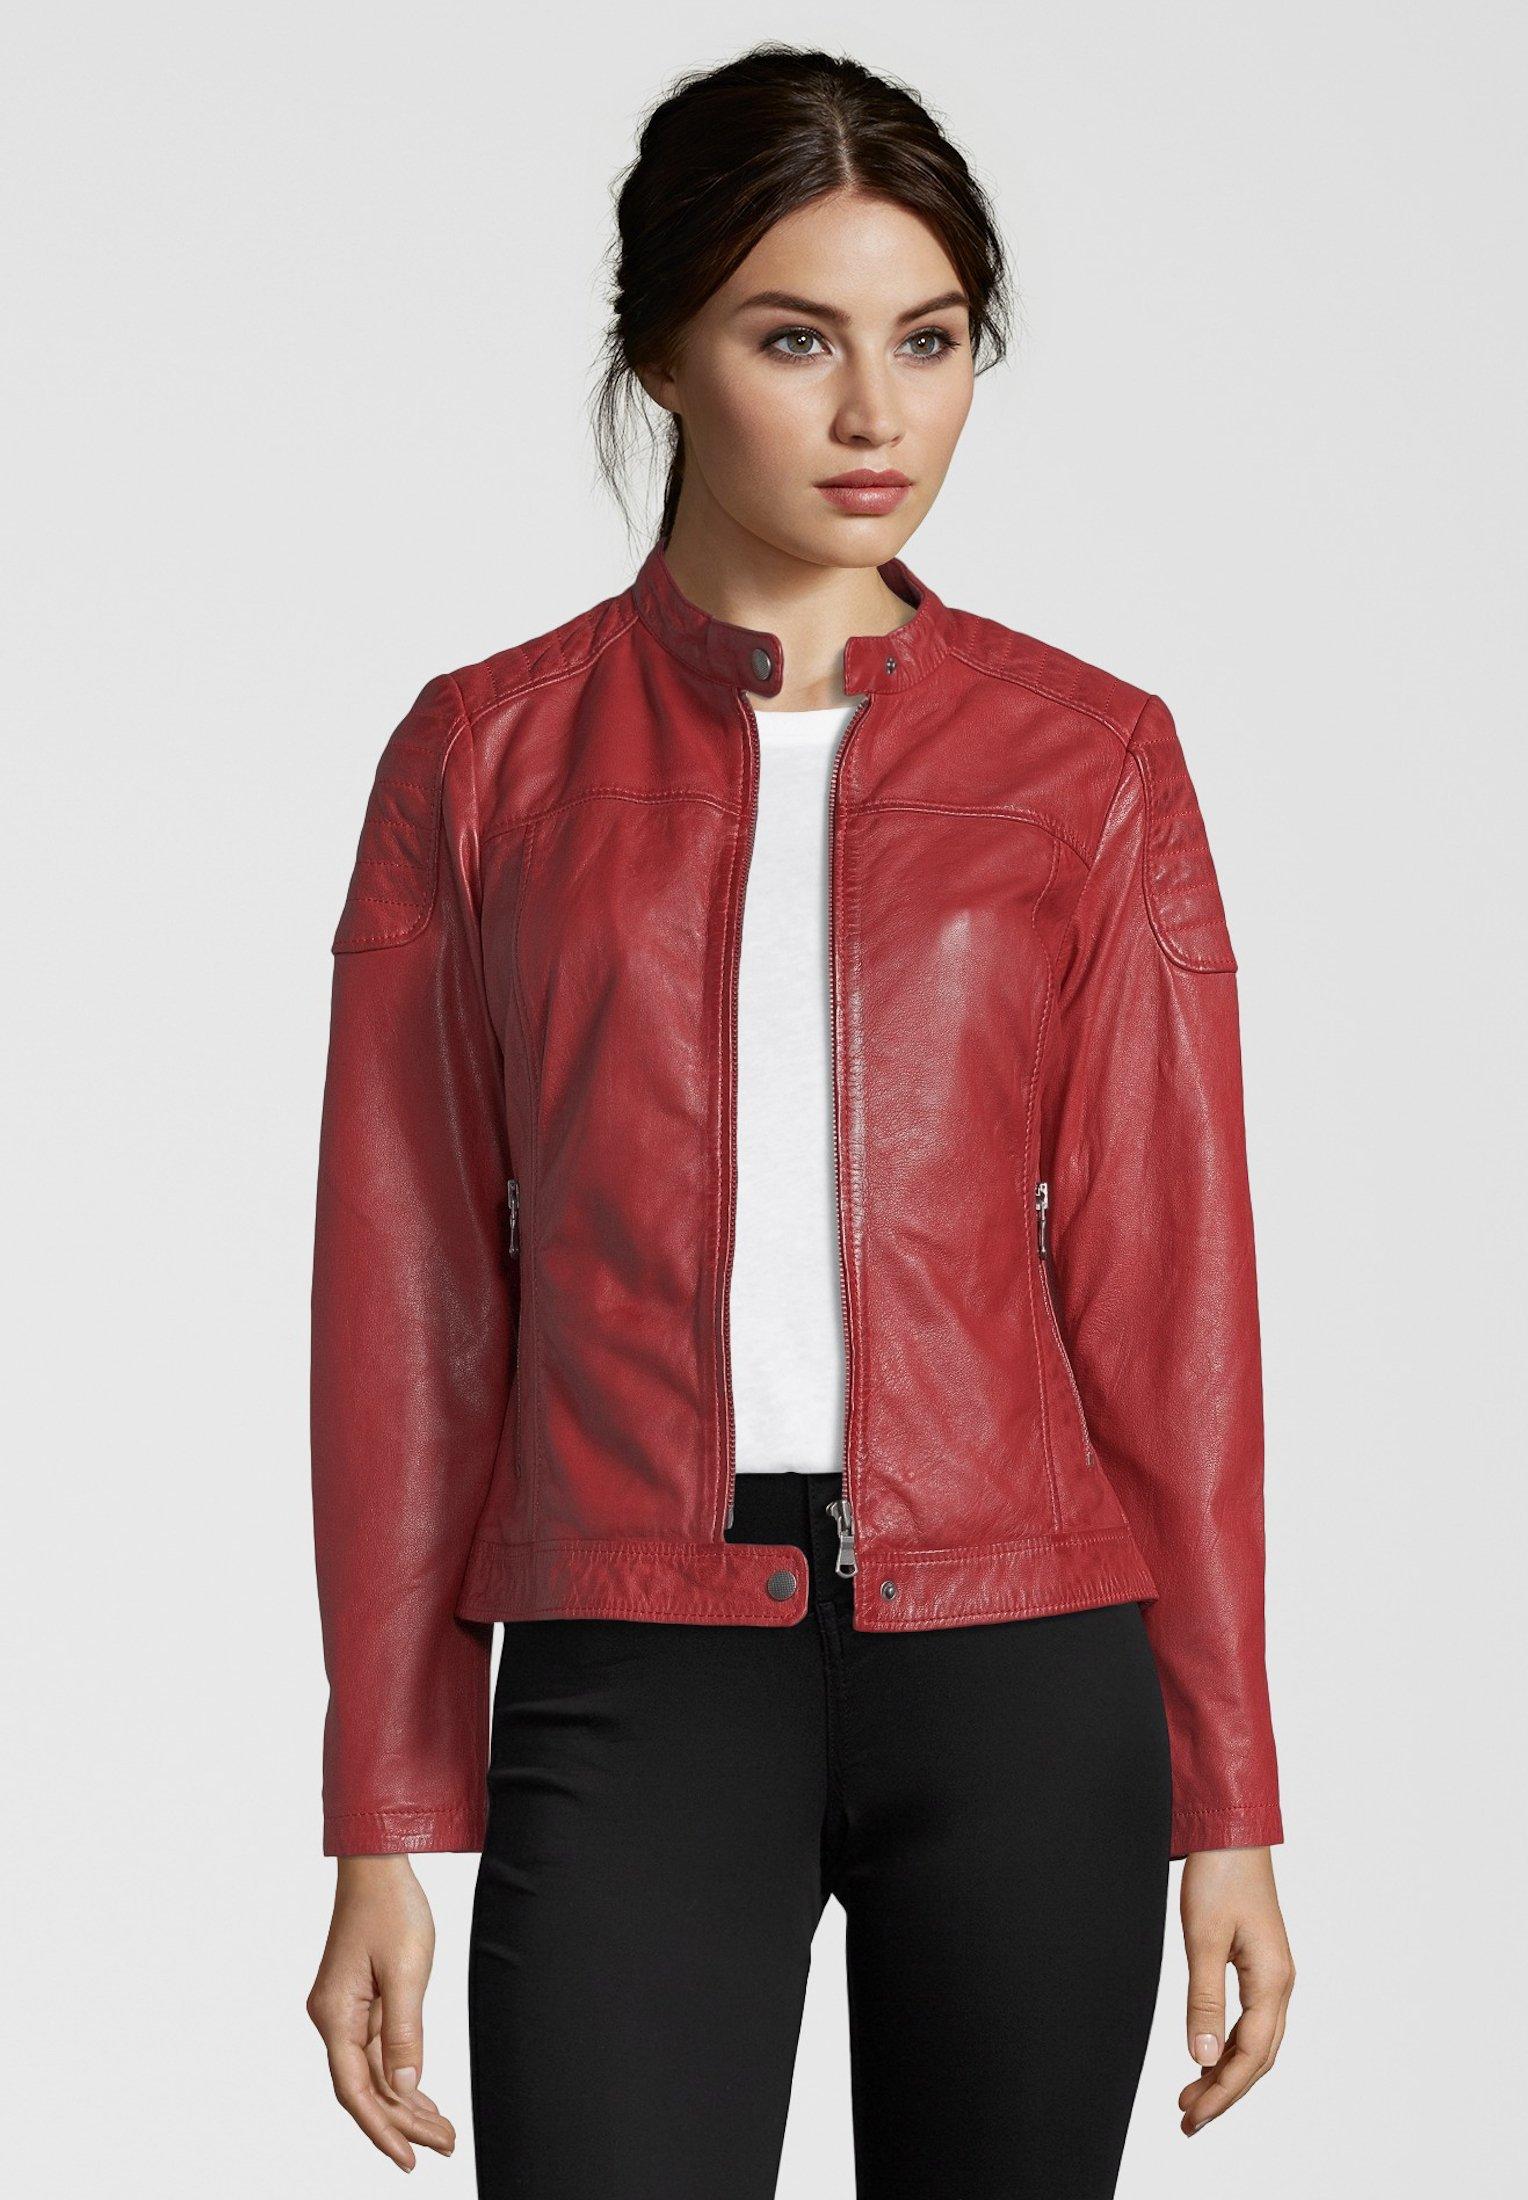 7eleven TALLY - Lederjacke - red | Damenbekleidung billig